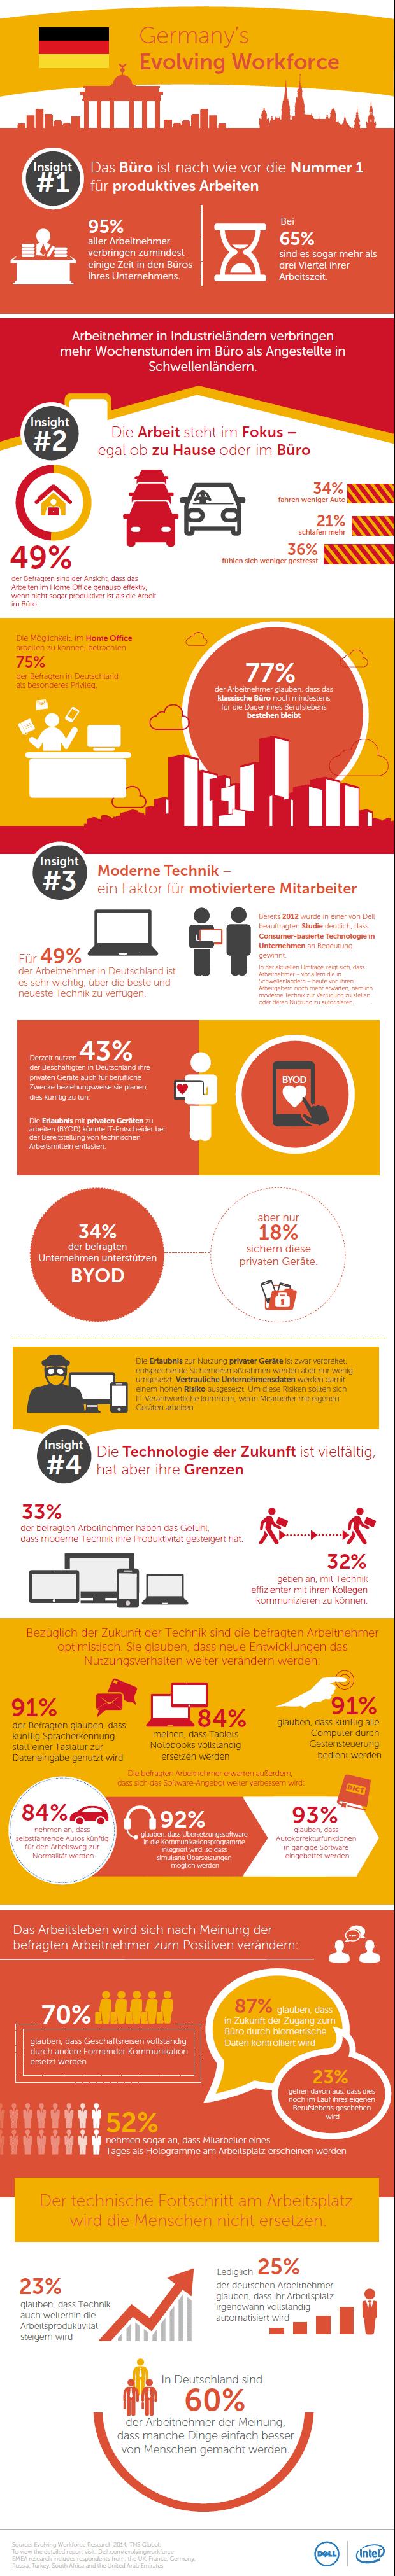 infografik arbeitsplatz der zukunft deutschland manage it dell